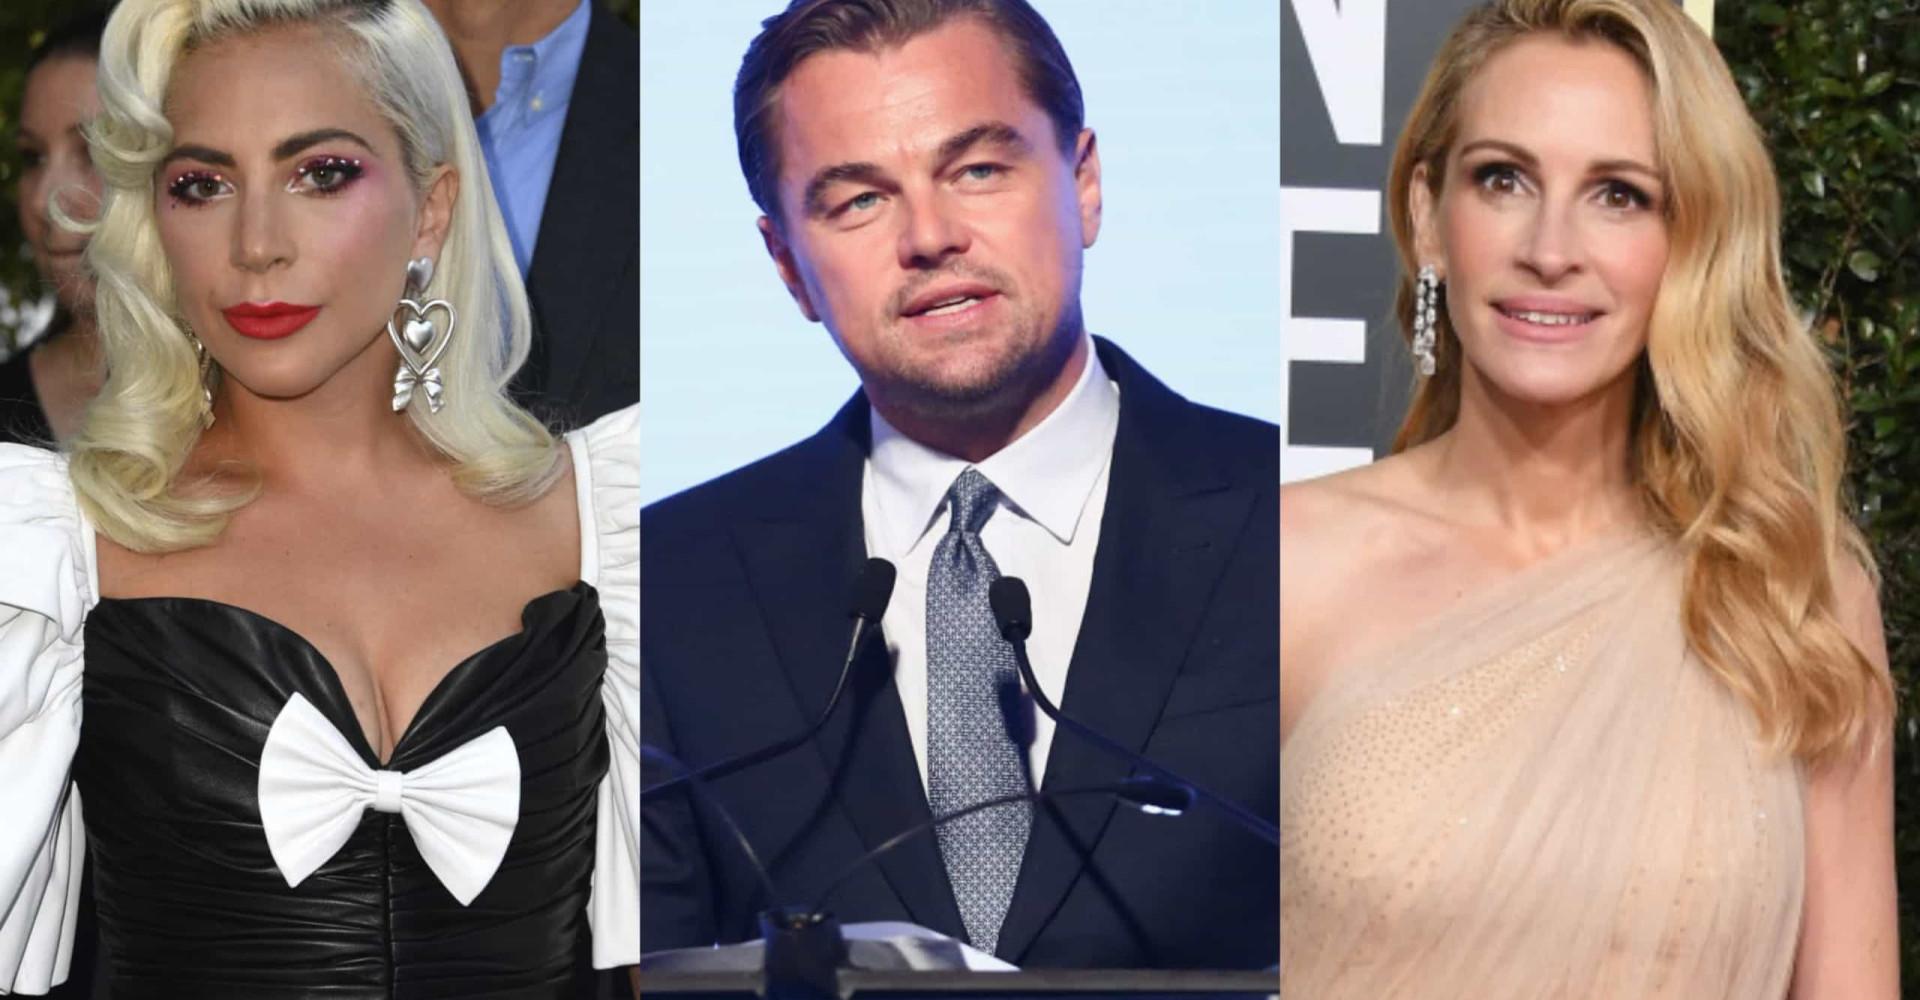 Acredita que esses famosos não têm uma estrela na Calçada da Fama?